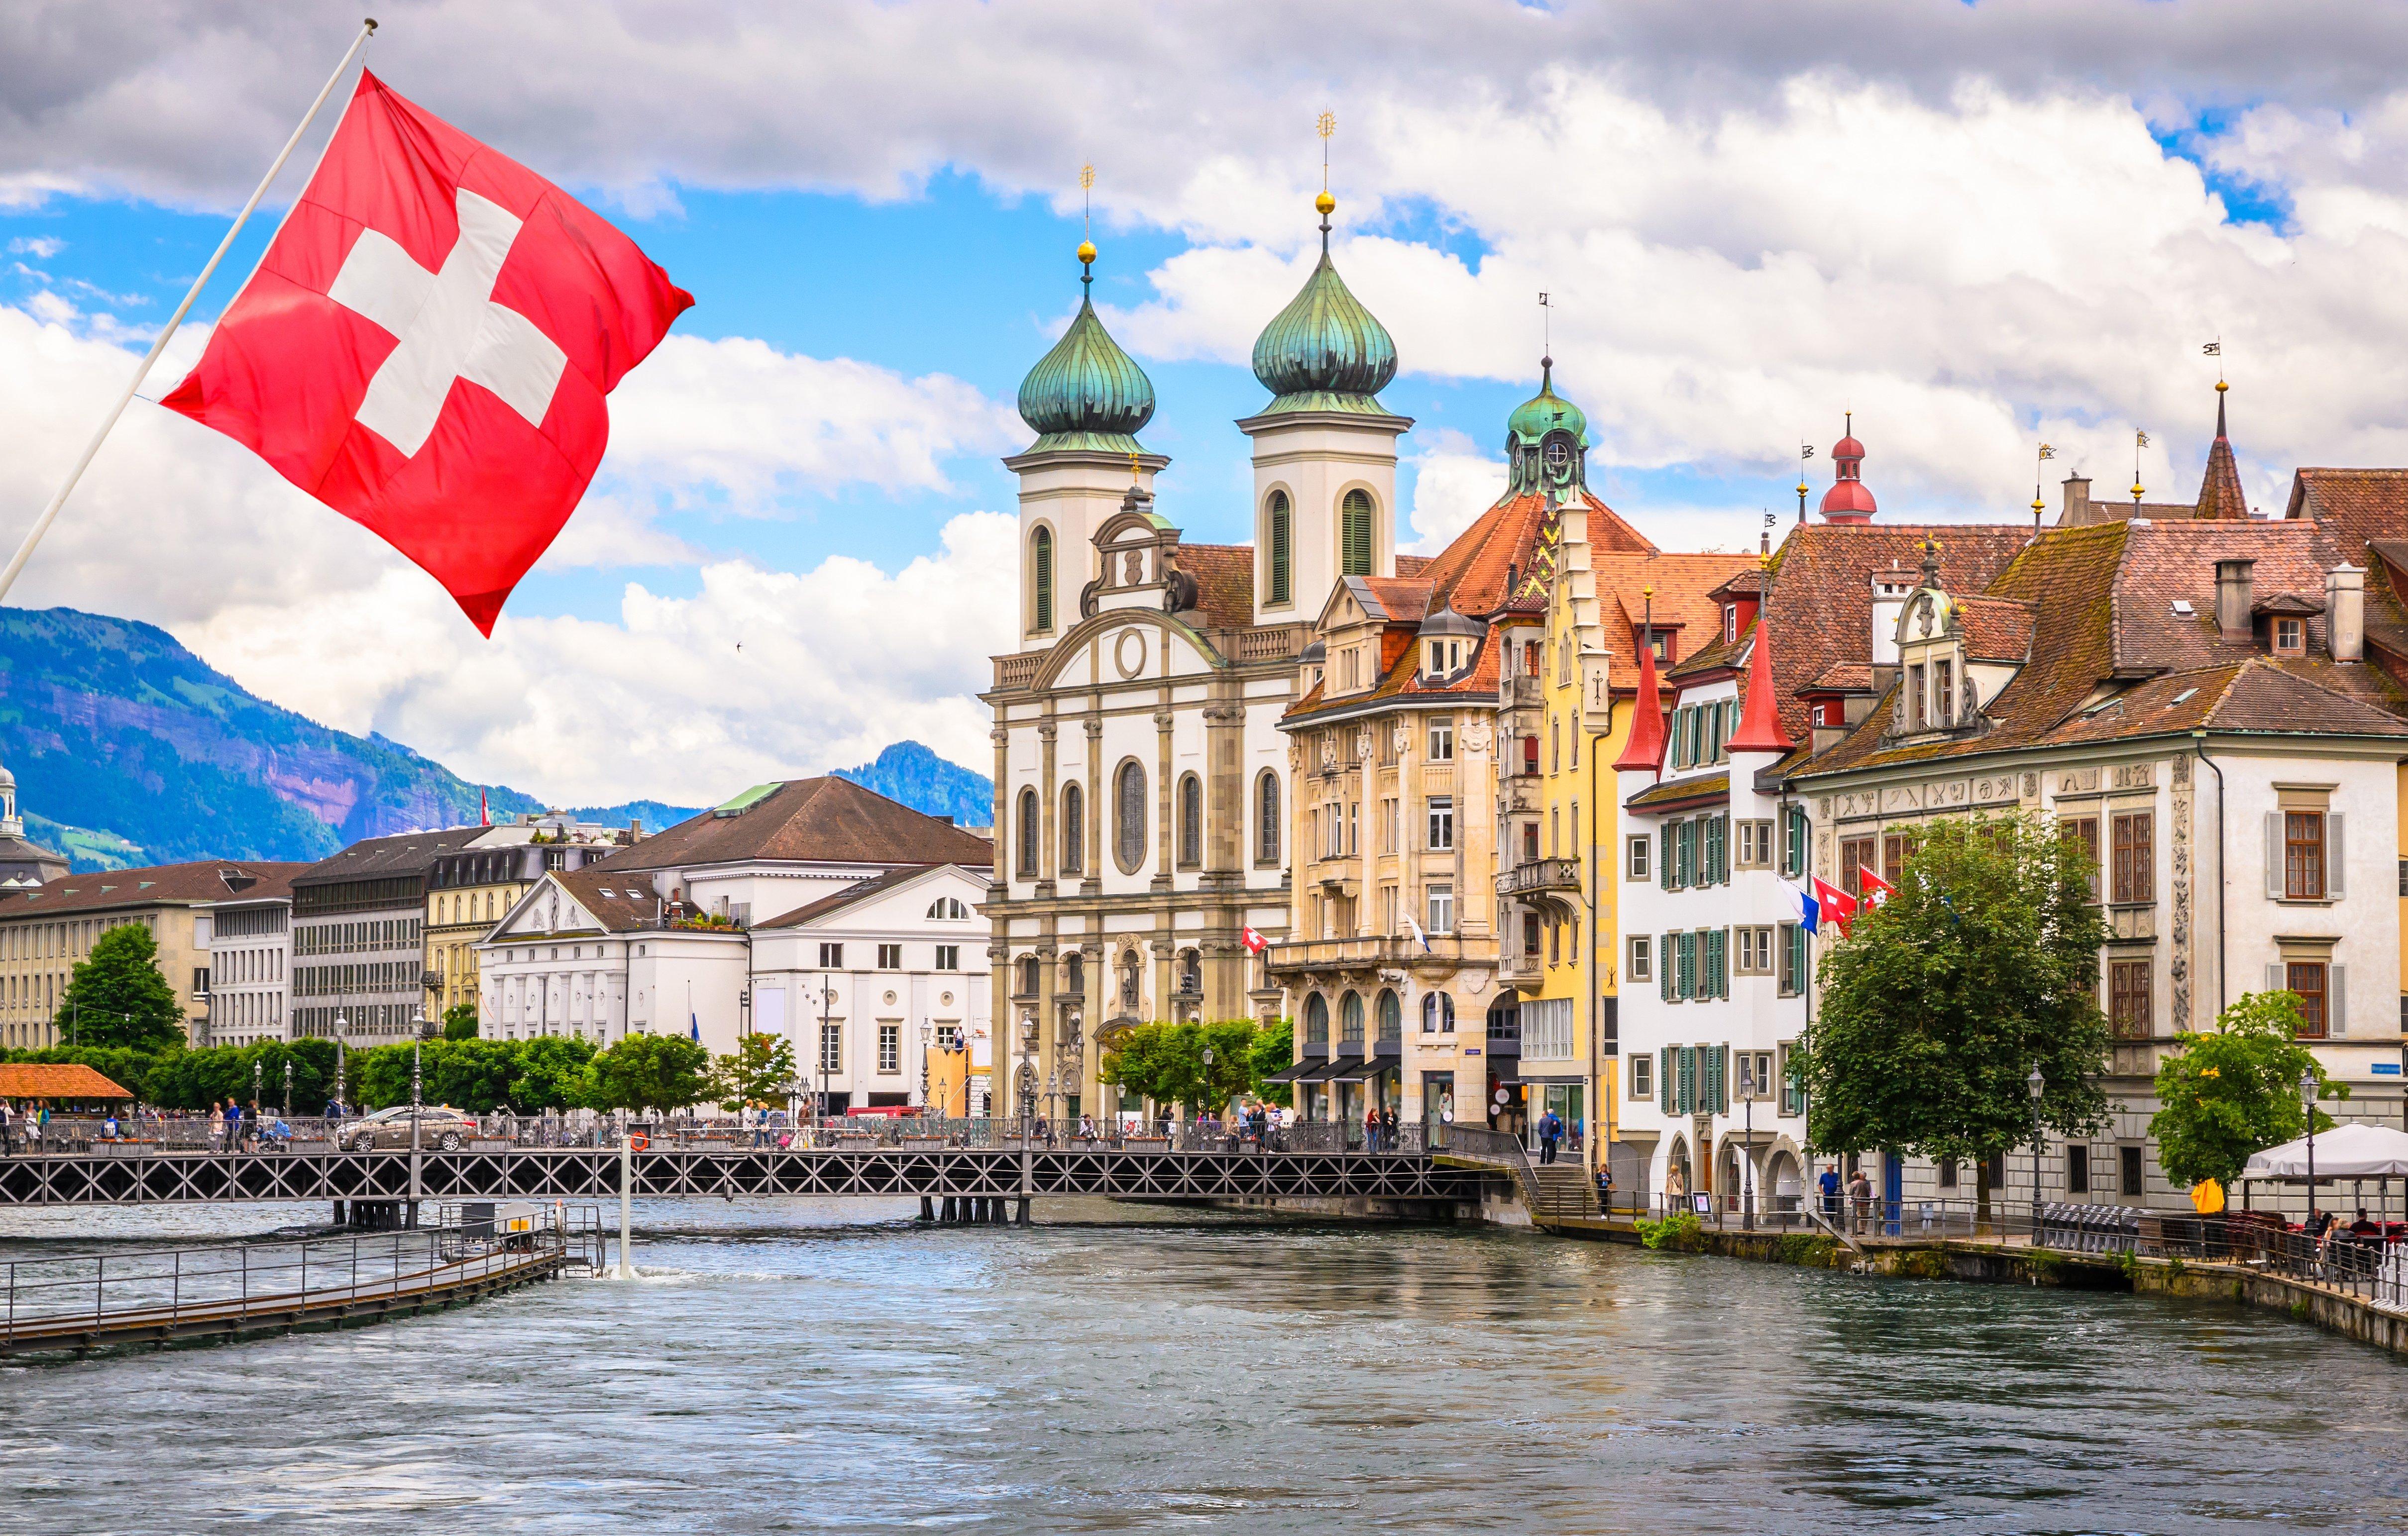 Ελβετία: Ο αριθμός των διανυκτερεύσεων σε ελβετικά ξενοδοχεία μειώθηκε 26% κατά τη διάρκεια του χειμώνα   Forin.gr